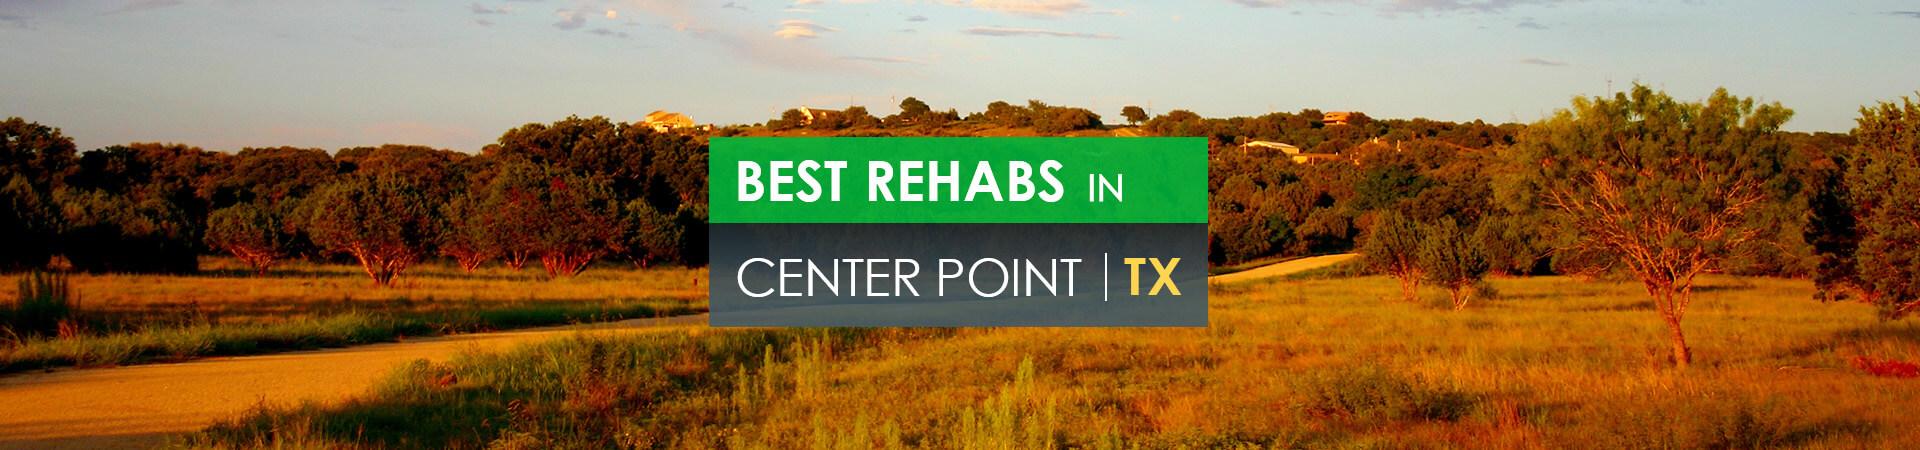 Best rehabs in Center Point, TX